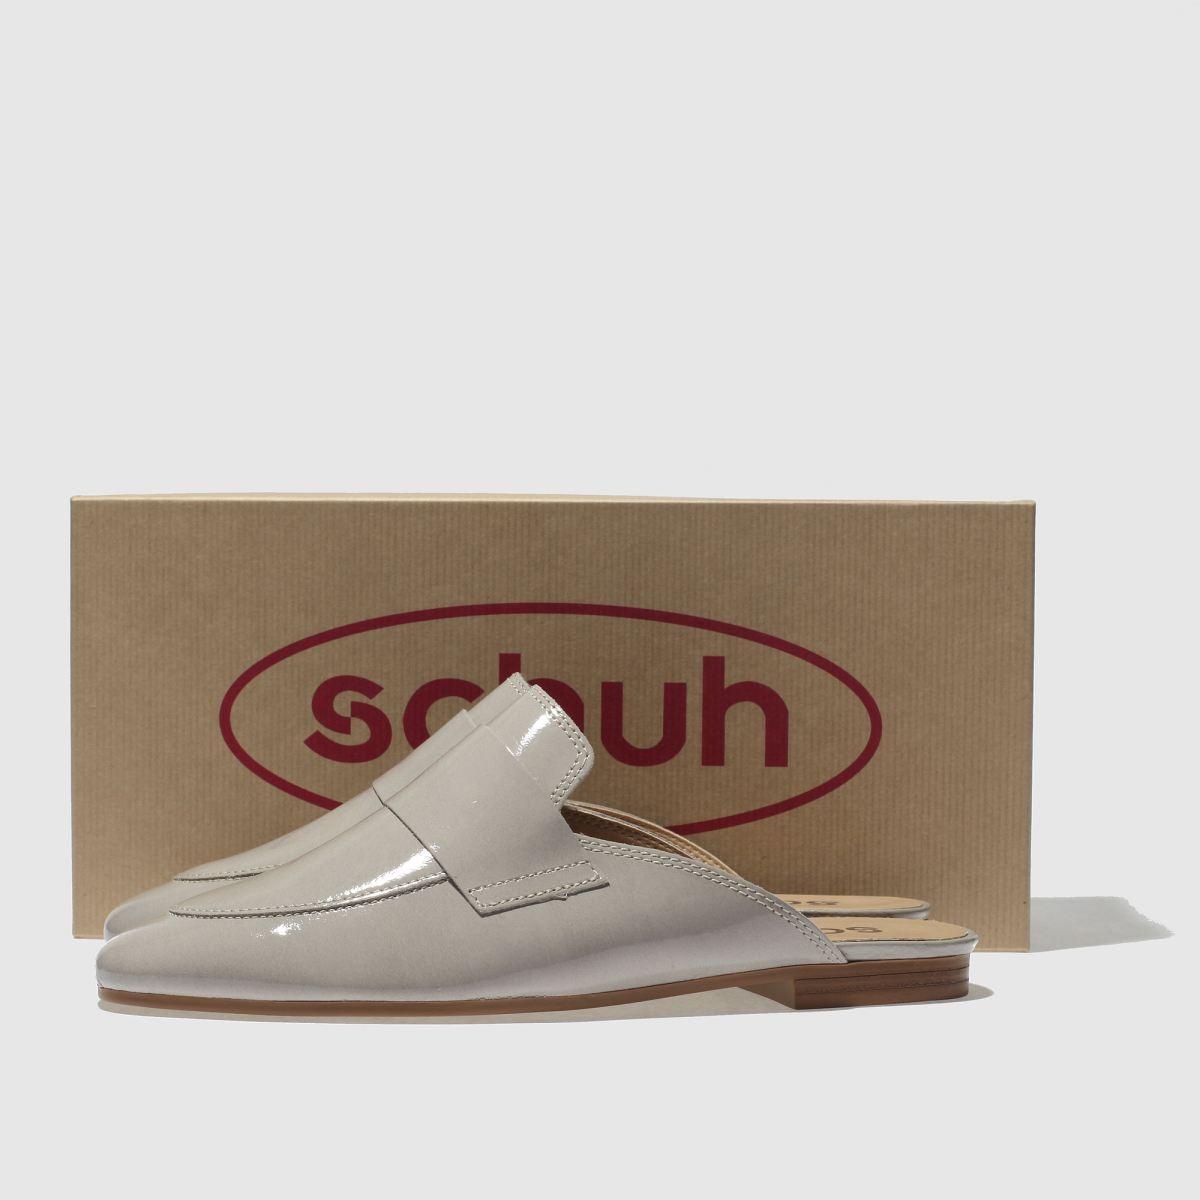 Damen Hellgrau schuh Fancy Flats beliebte | schuh Gute Qualität beliebte Flats Schuhe 8459db